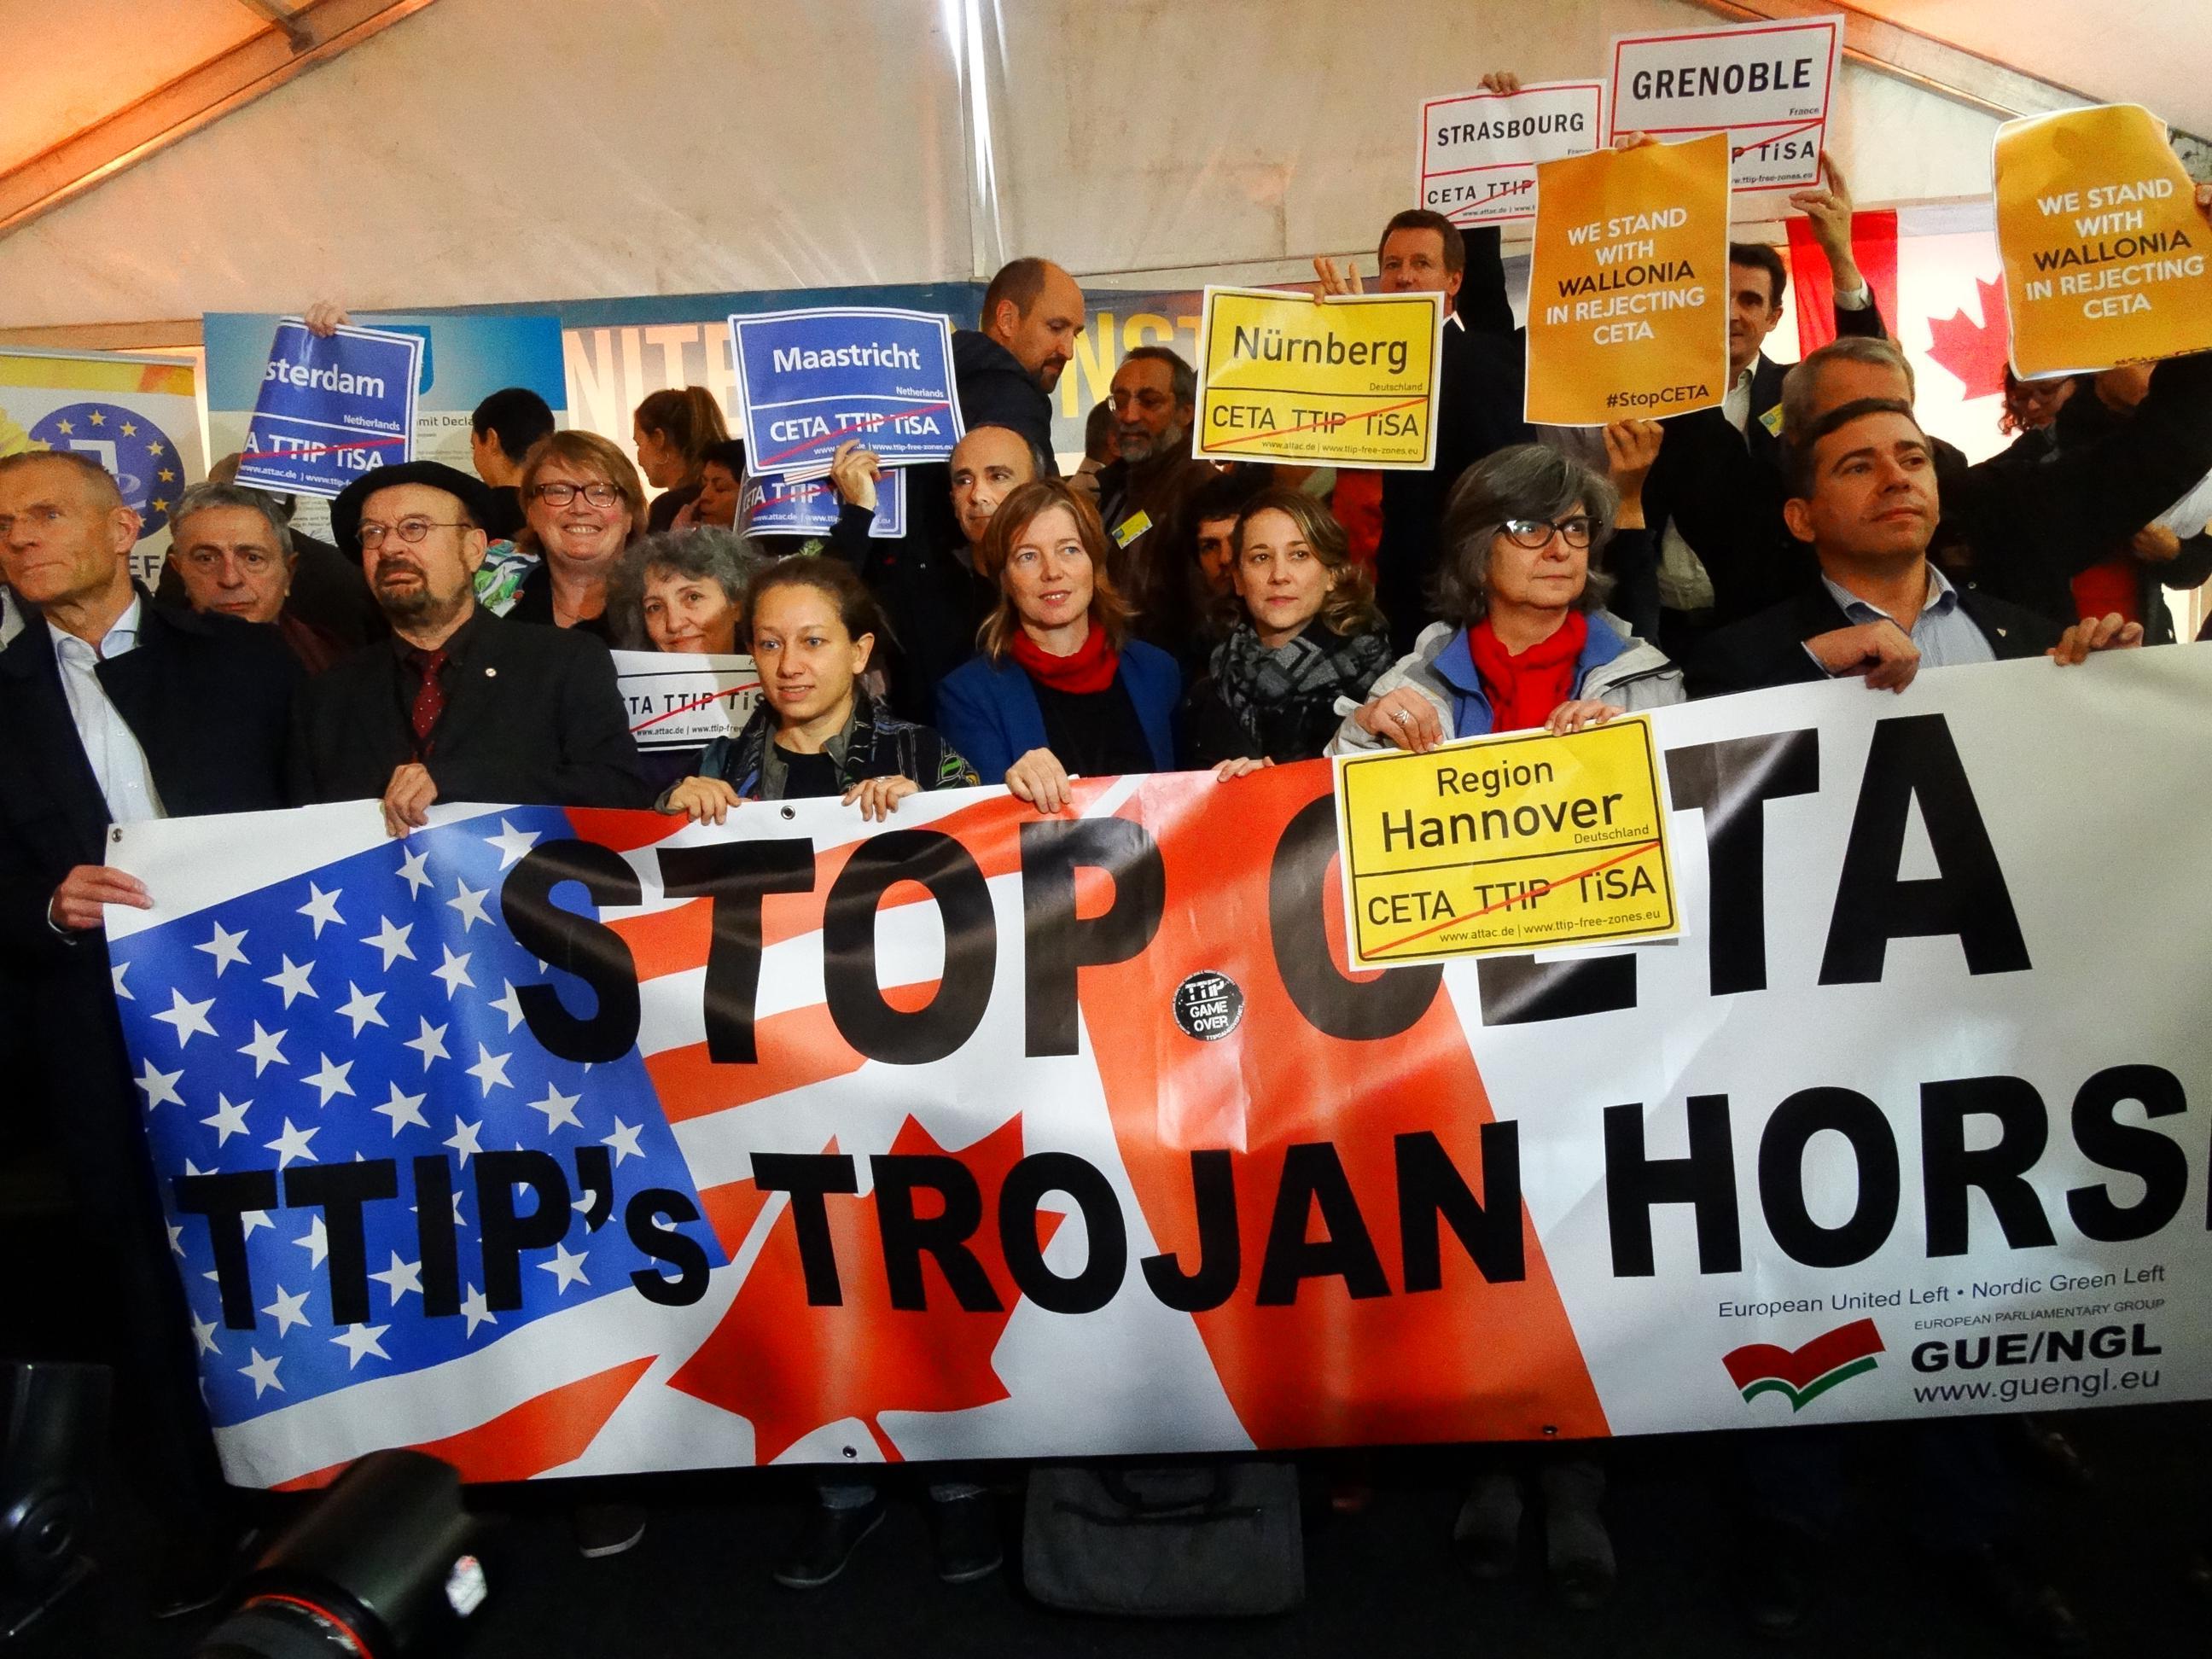 201016-foto-de-grupo-contra-o-ceta-no-parlamento-europeo